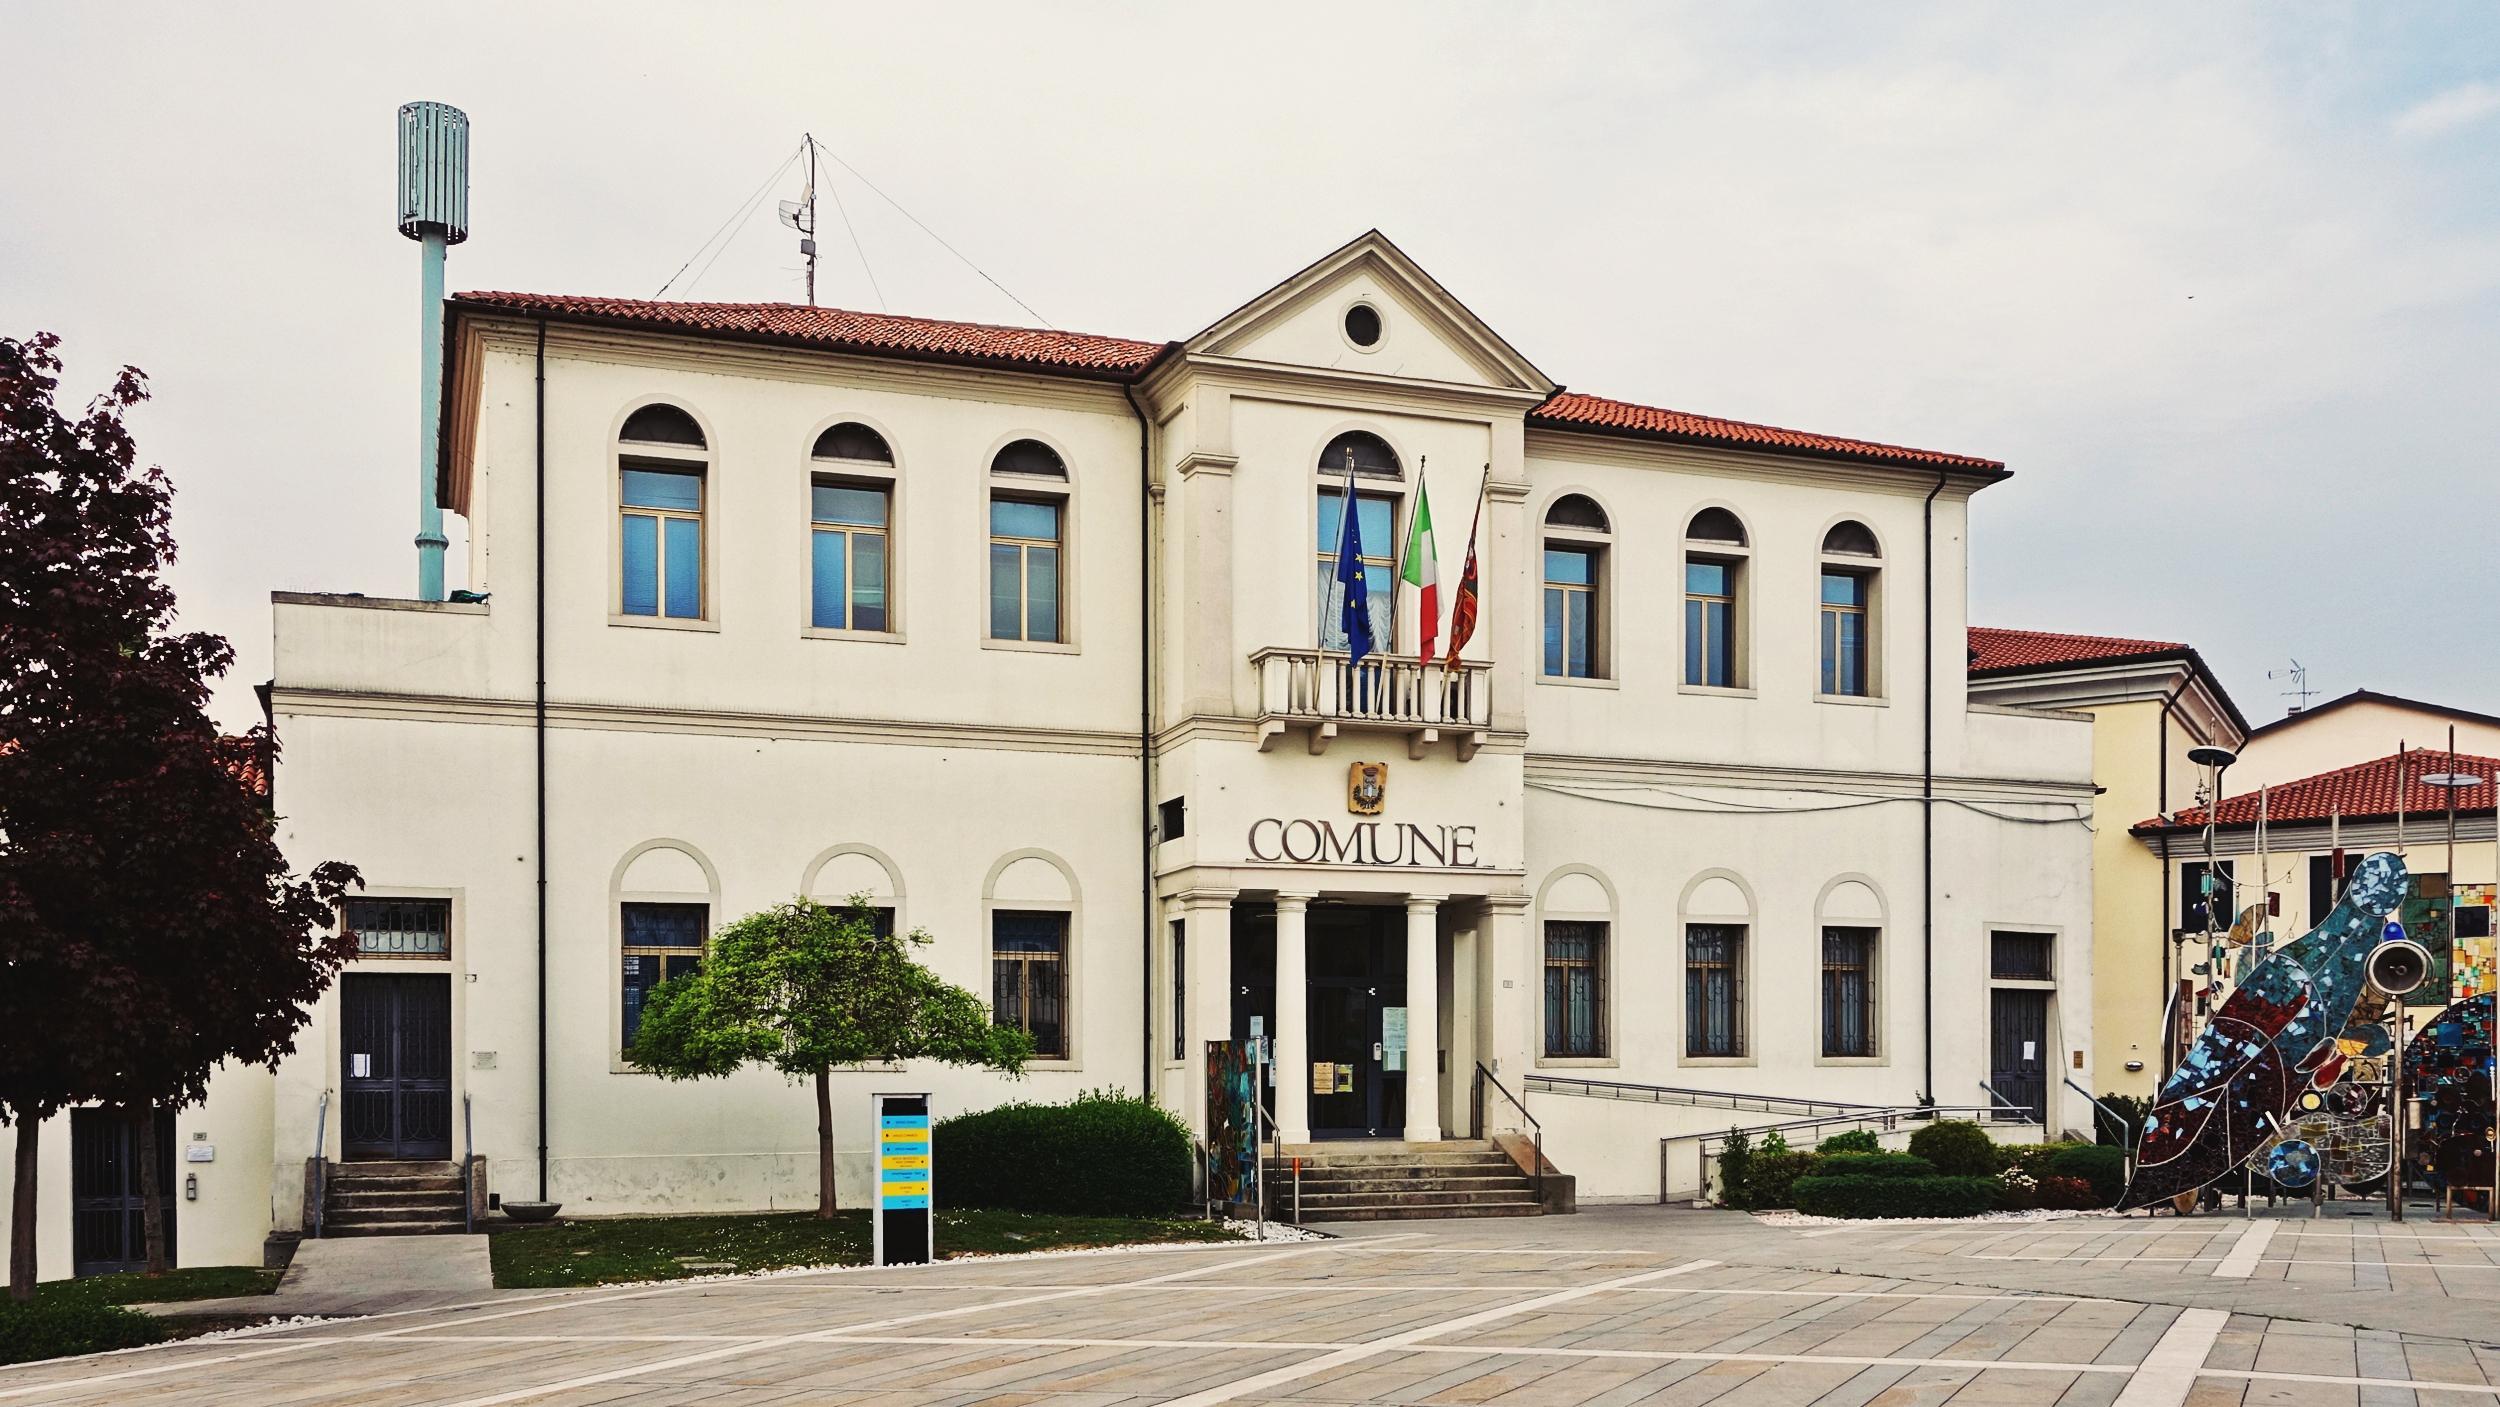 L'attuale sede del comune di Montegrotto Terme, già San Pietro Montagnon.